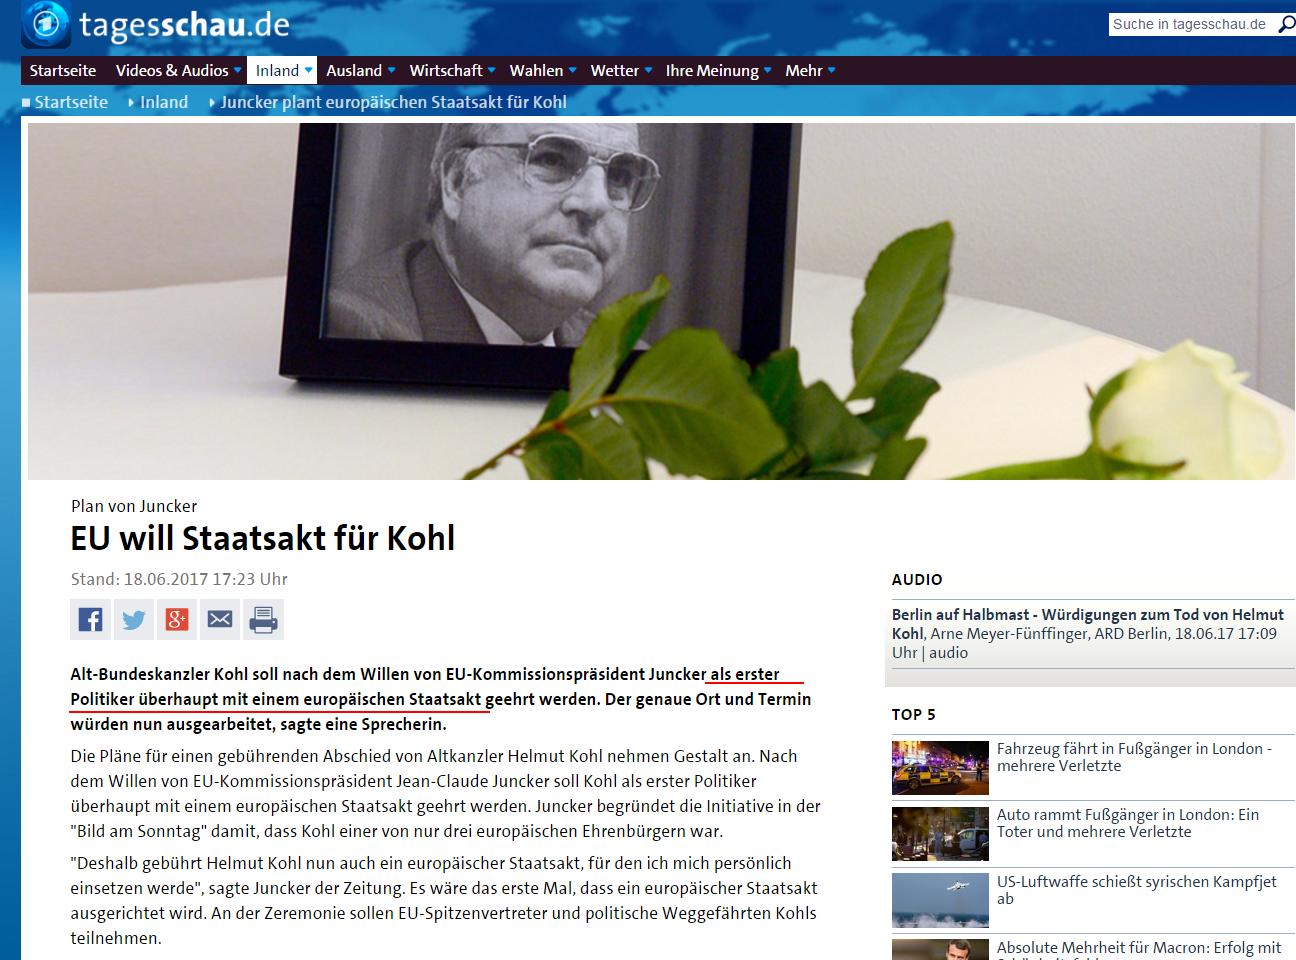 德国前总理赫尔穆特·科尔去世,是两德统一的见证... _澎湃新闻